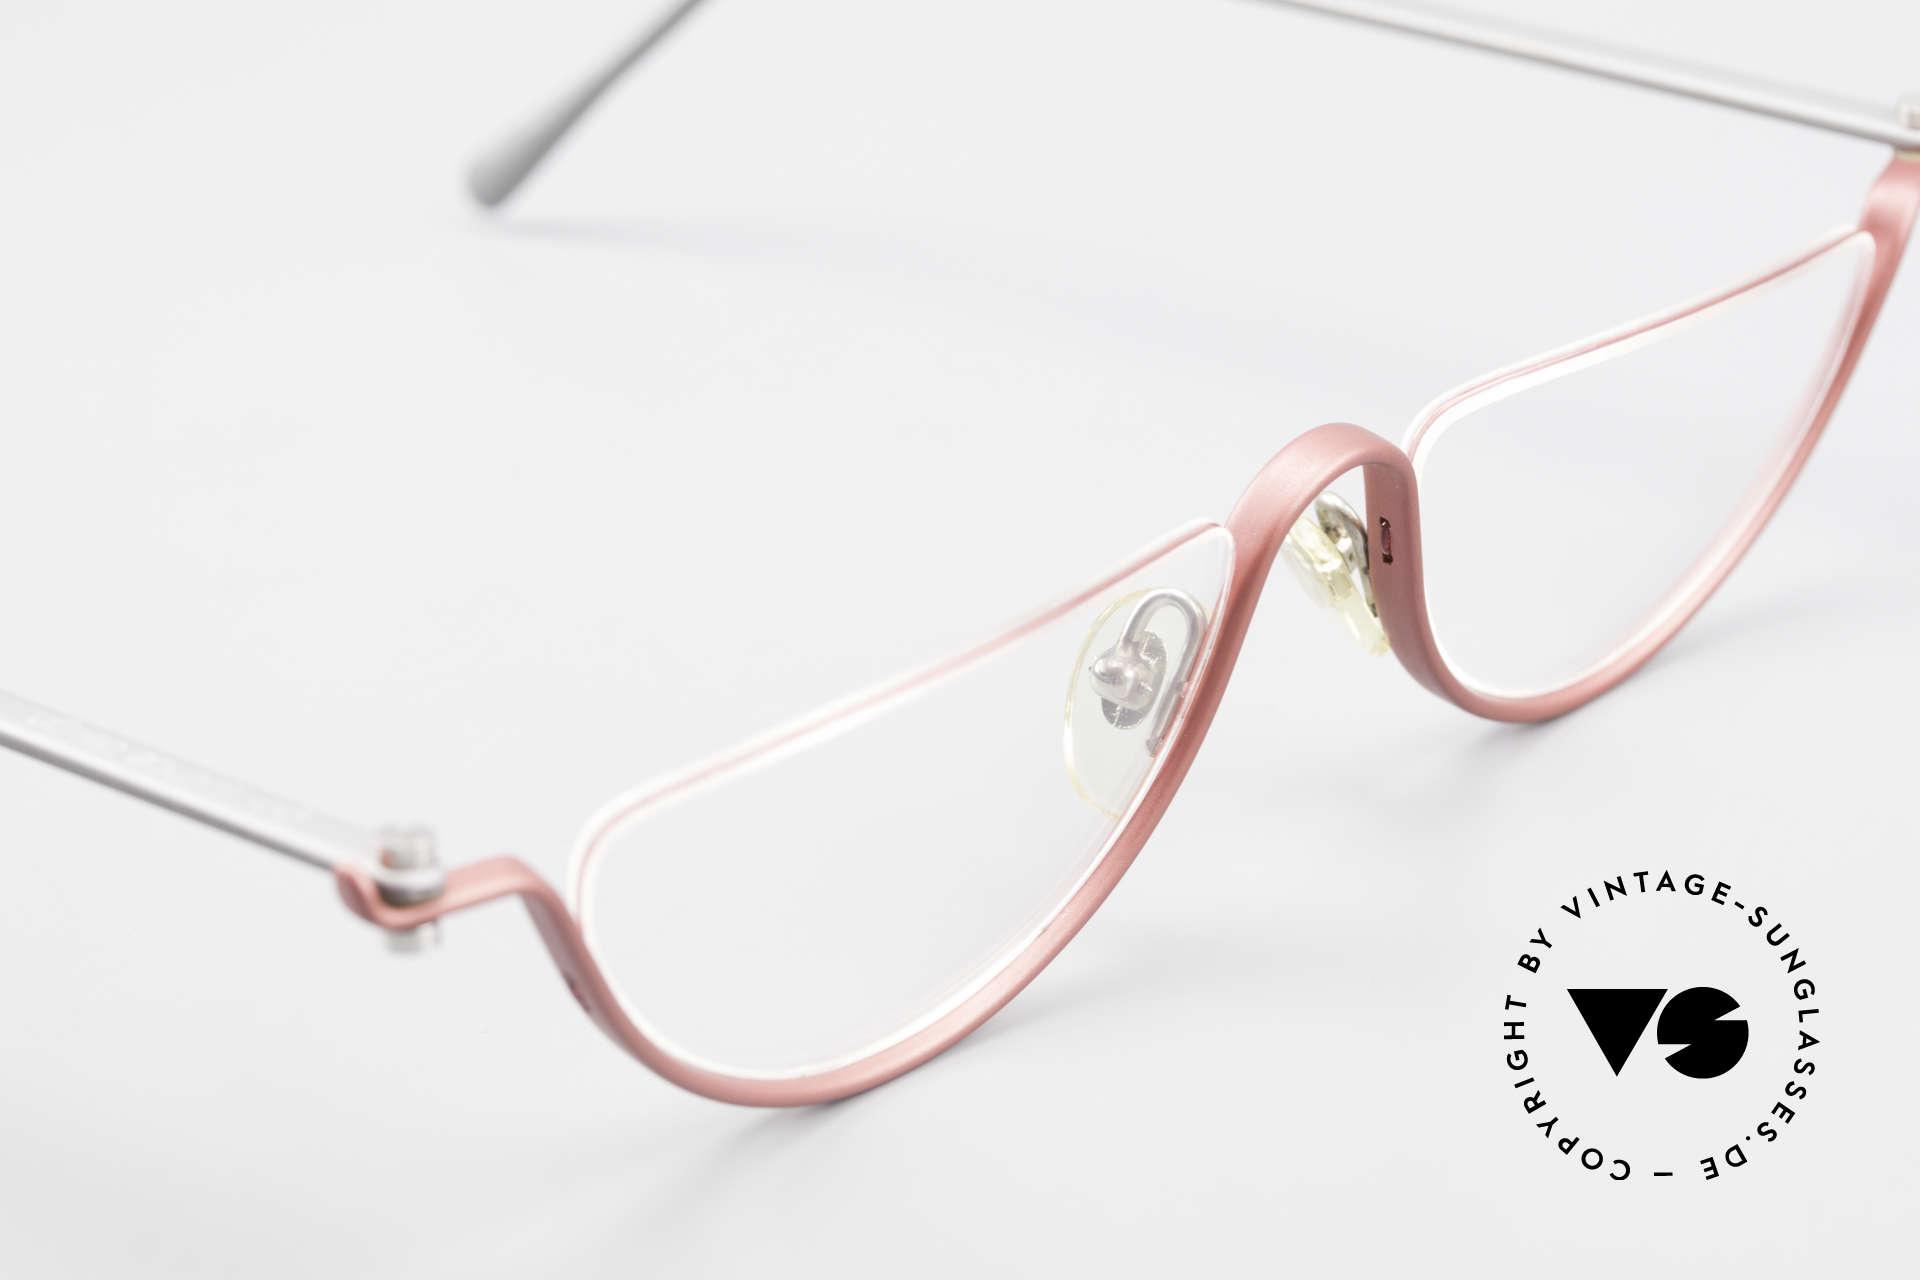 ProDesign No11 Gail Spence Design Eyeglasses, ultra RARE designer eyeglasses from the mid 1990's, Made for Women